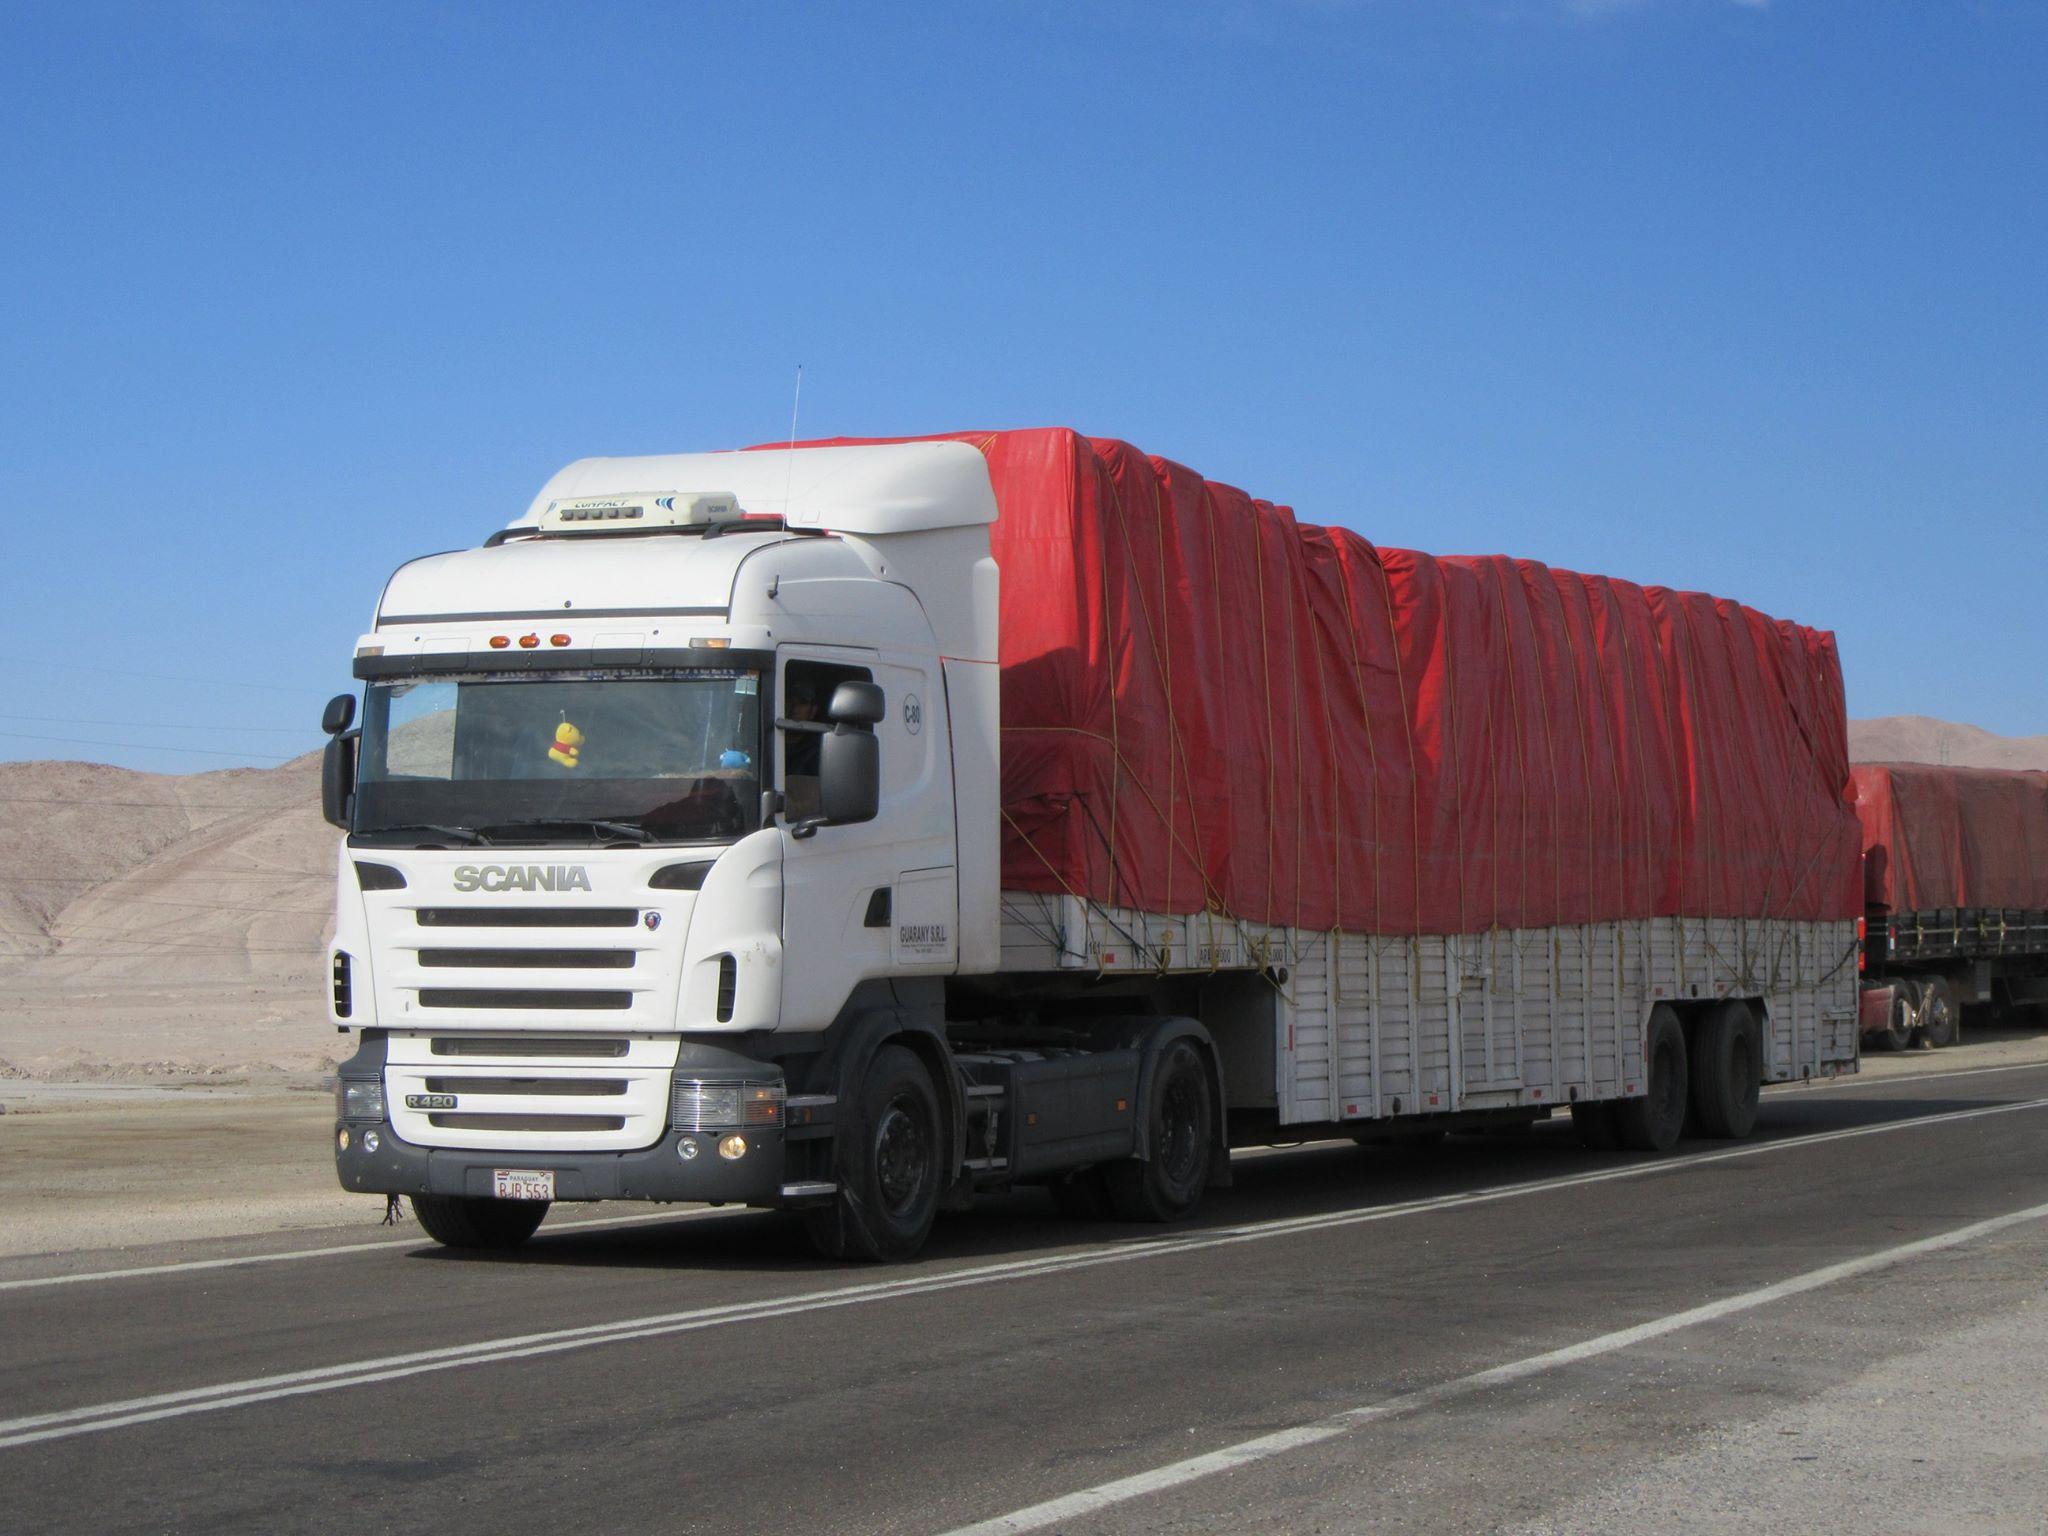 Truck_pics_mix-5